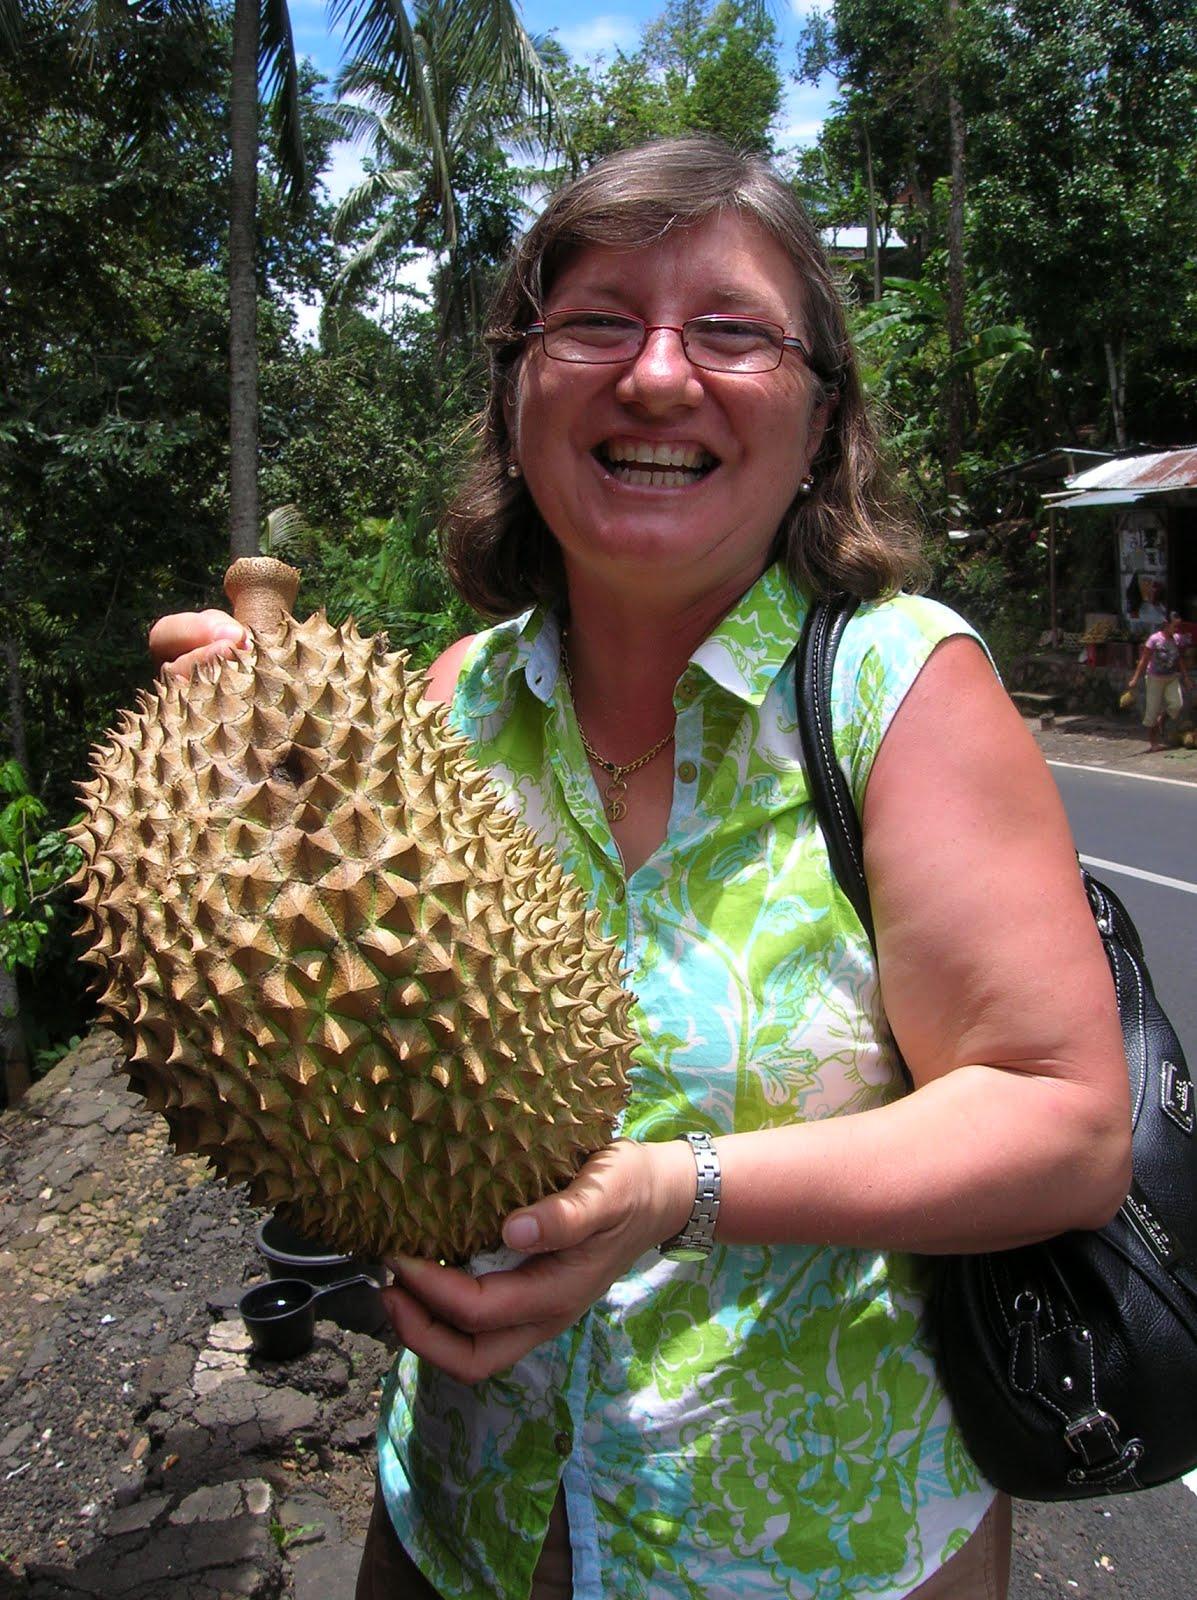 El fruto durián, Isla de Bali,Indonesia, vuelta al mundo, round the world, La vuelta al mundo de Asun y Ricardo